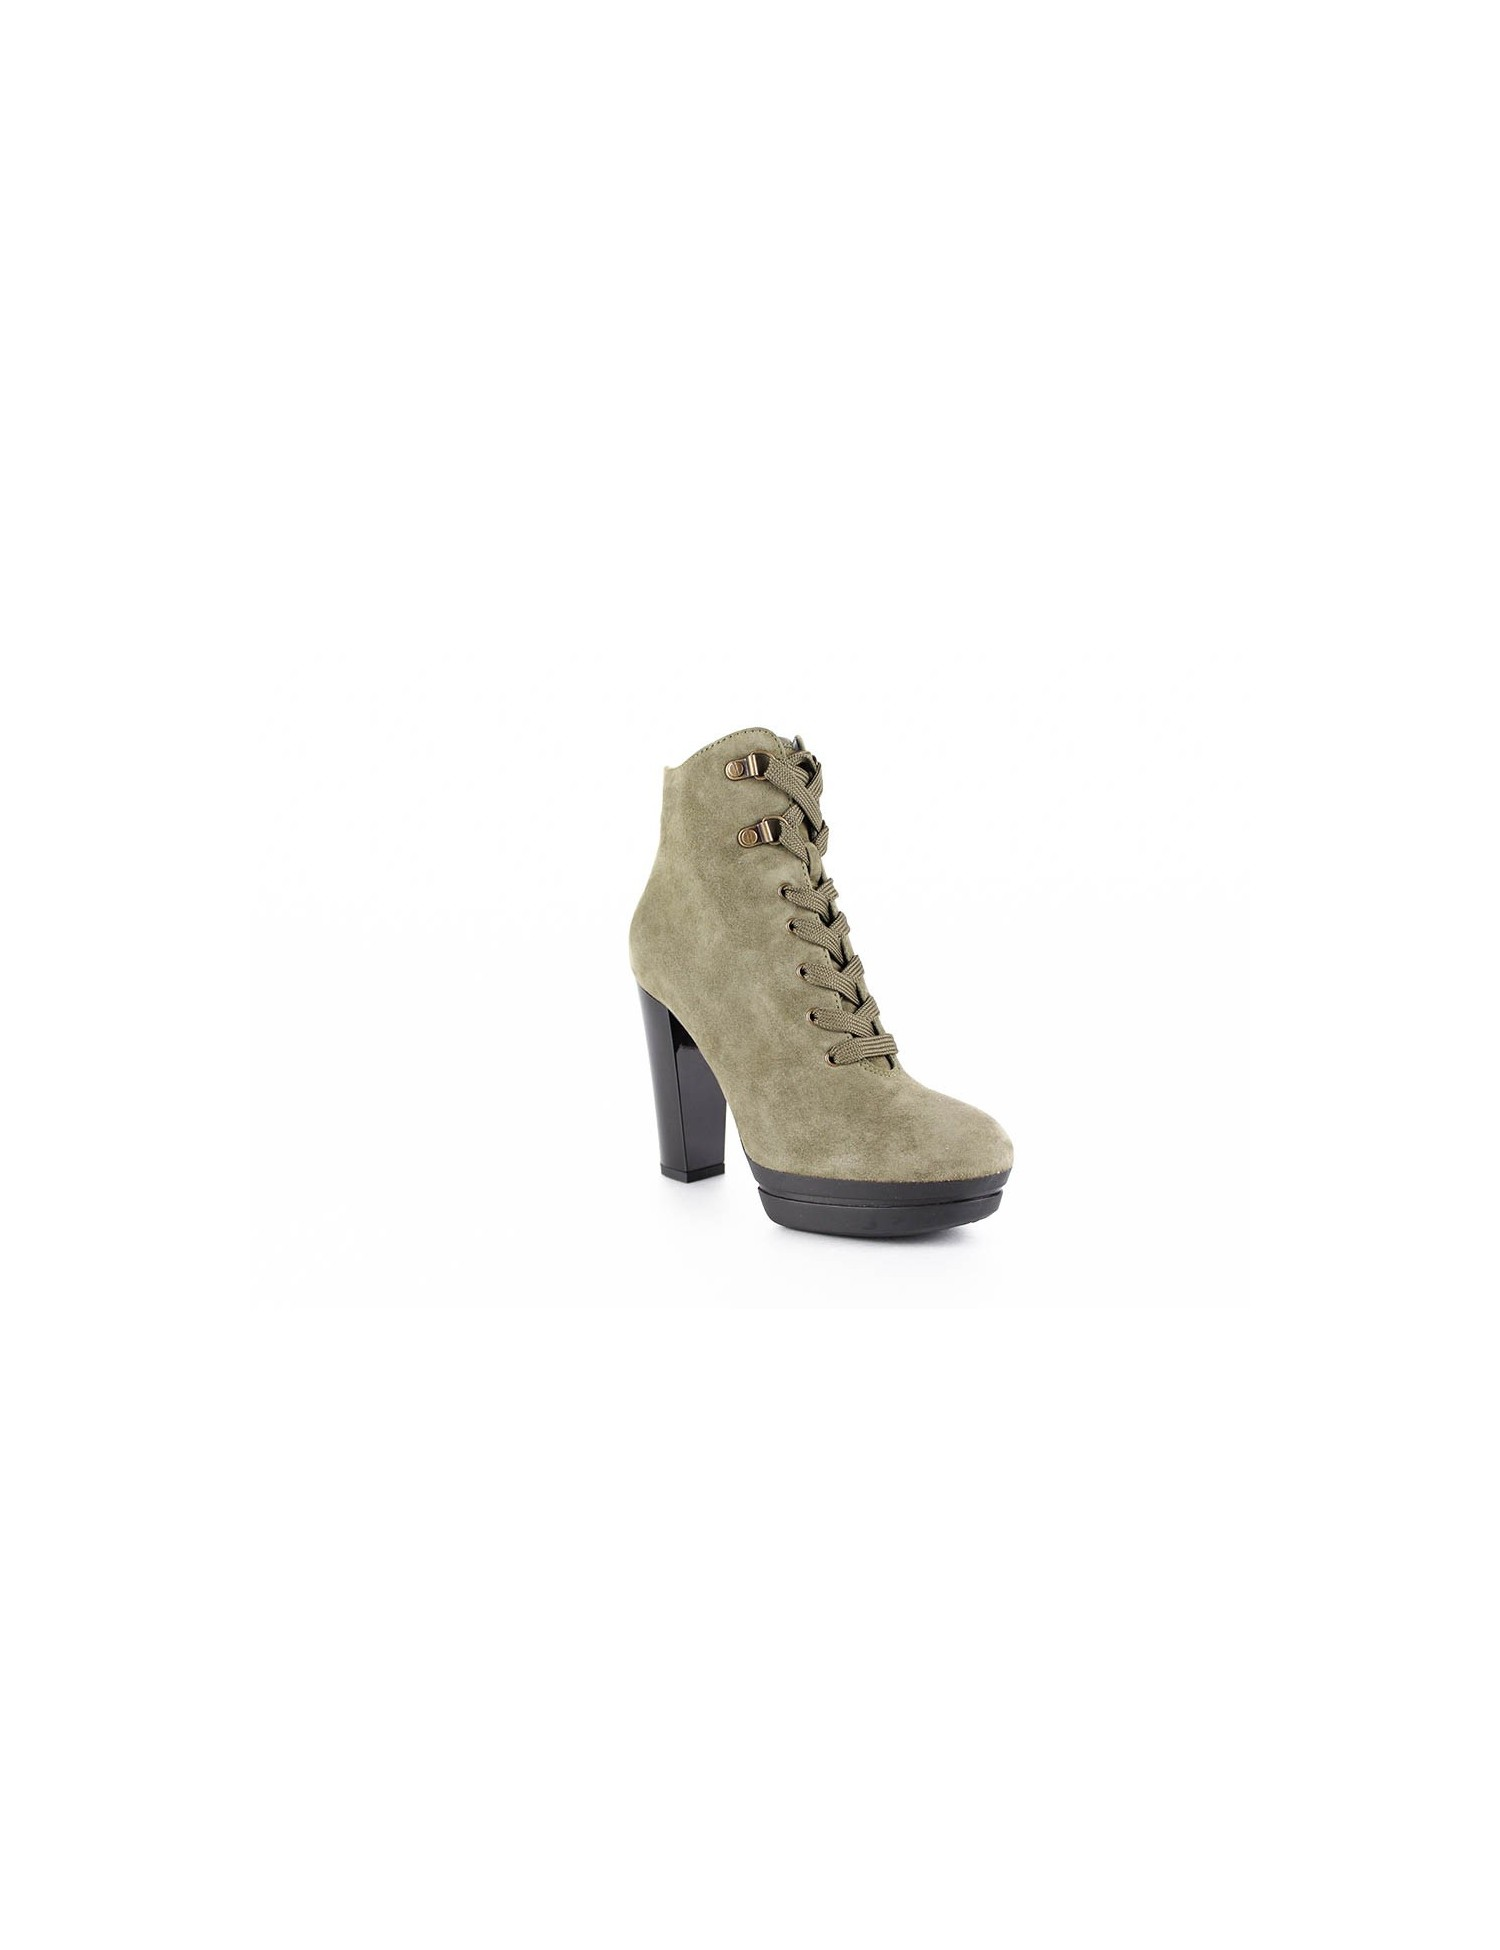 Nouveaux produits b3722 7e56e Bottine Opty H313 Chaussure Pour Femme - BOTTES ET BOTTINES - HOGAN...